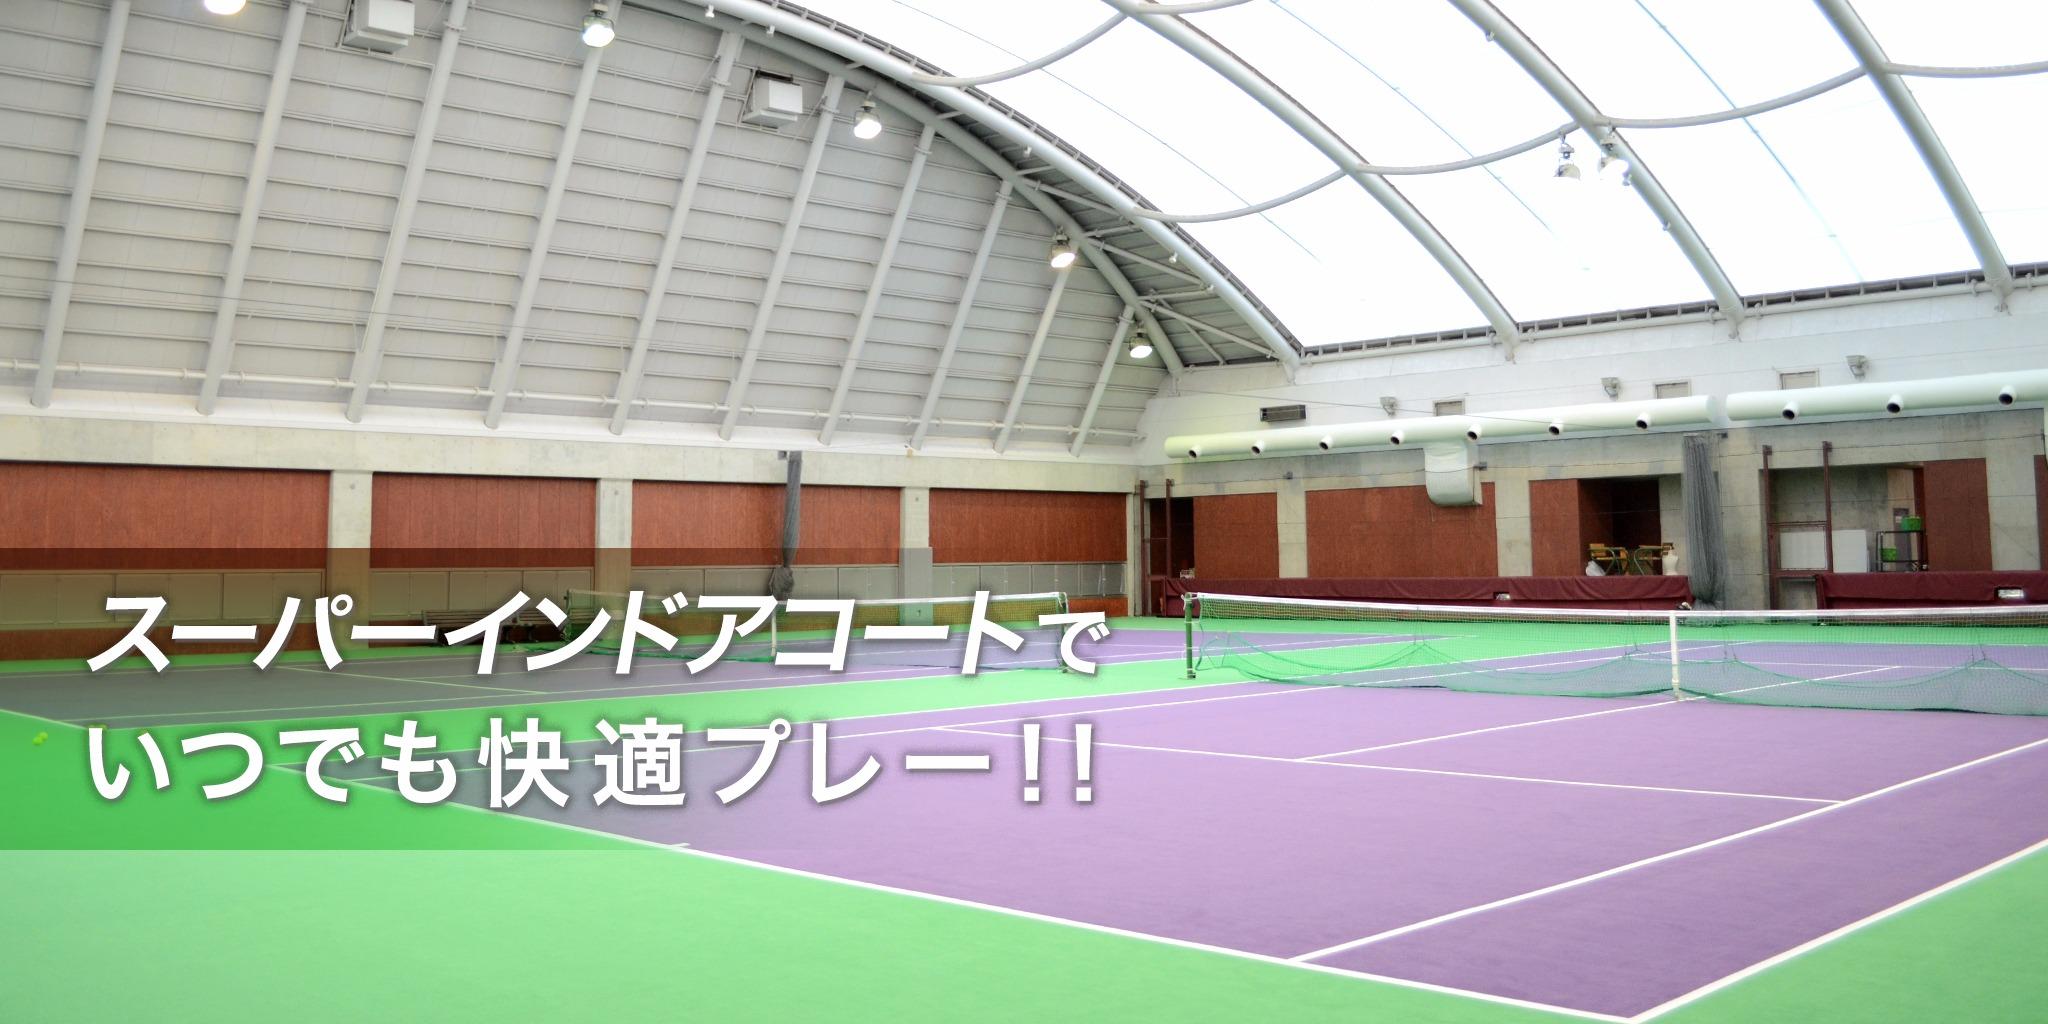 ロンドテニスドームは天候に左右されないインドアコートで、いつでも快適にプレーができます。